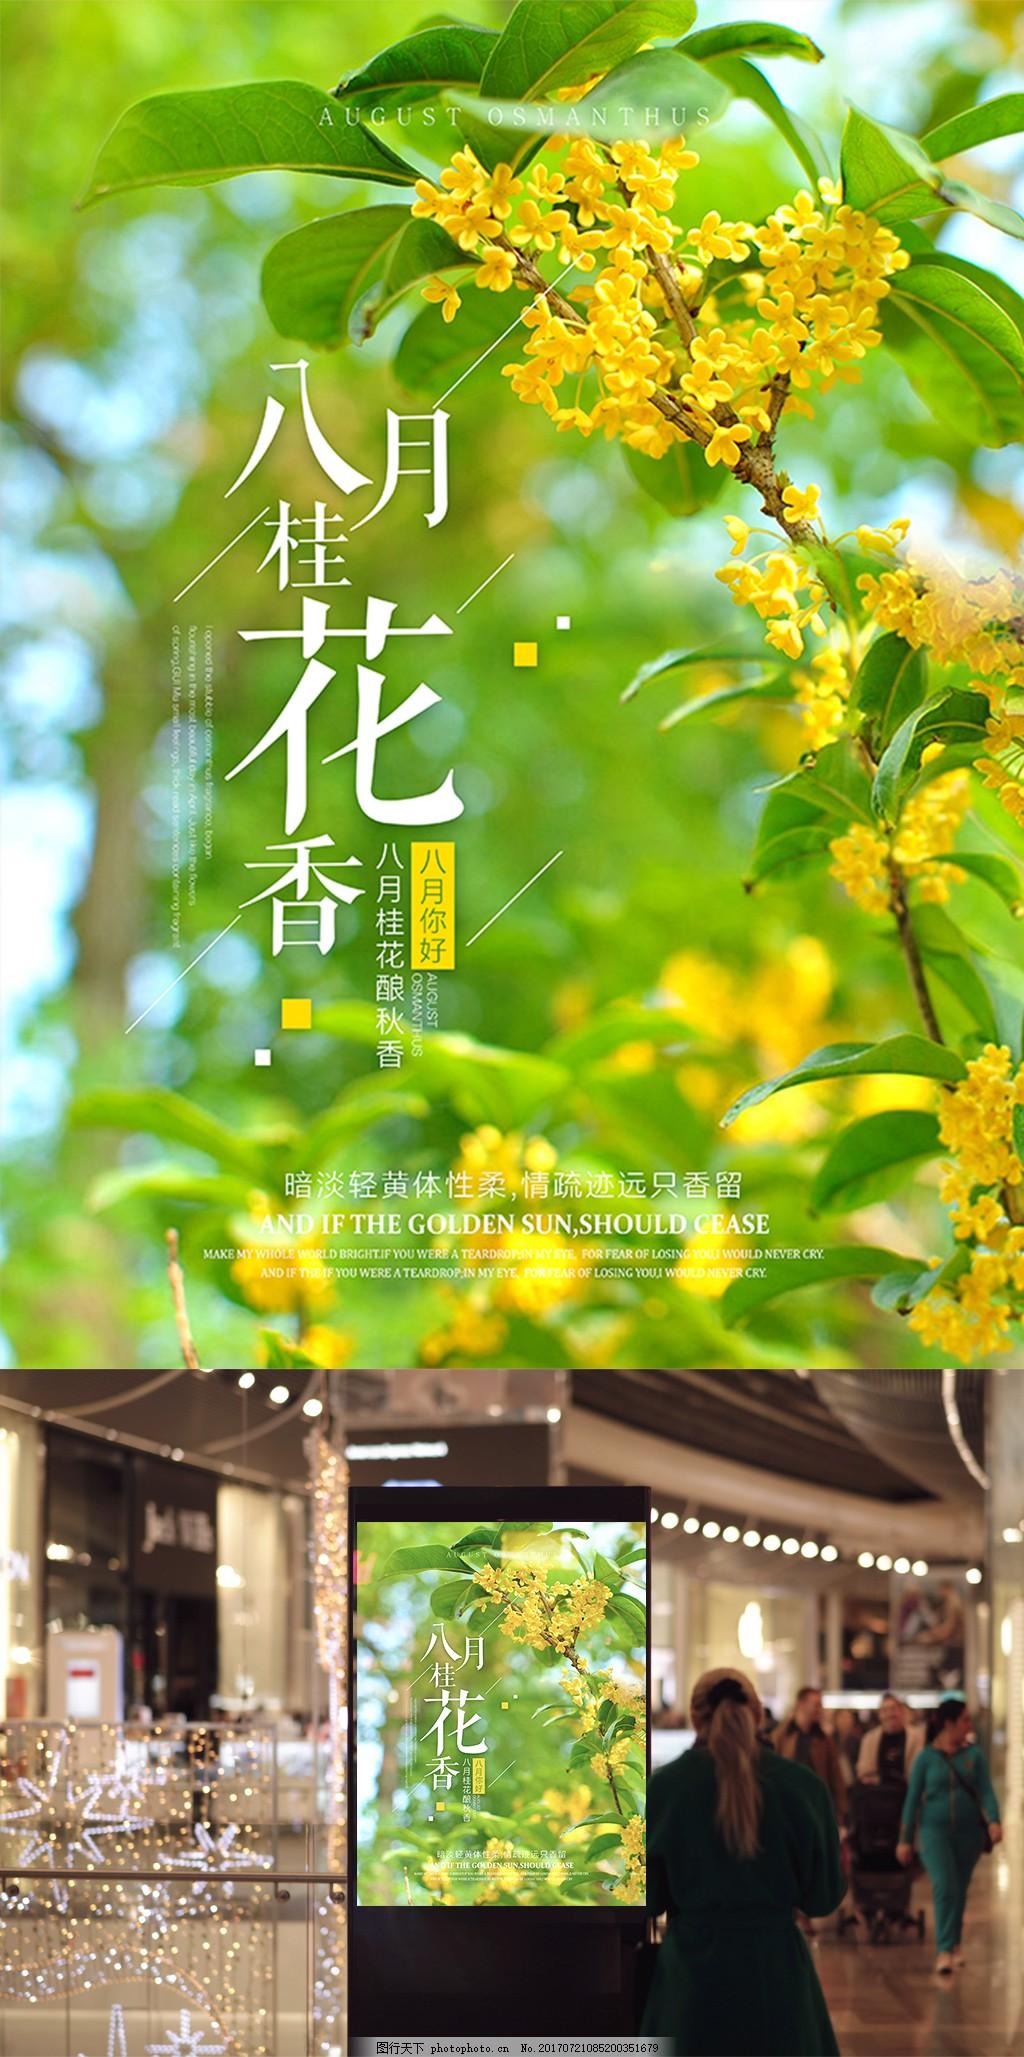 唯美八月桂花香微信微博配图海报设计 简约 你好 秋天 夏天 八月桂花开